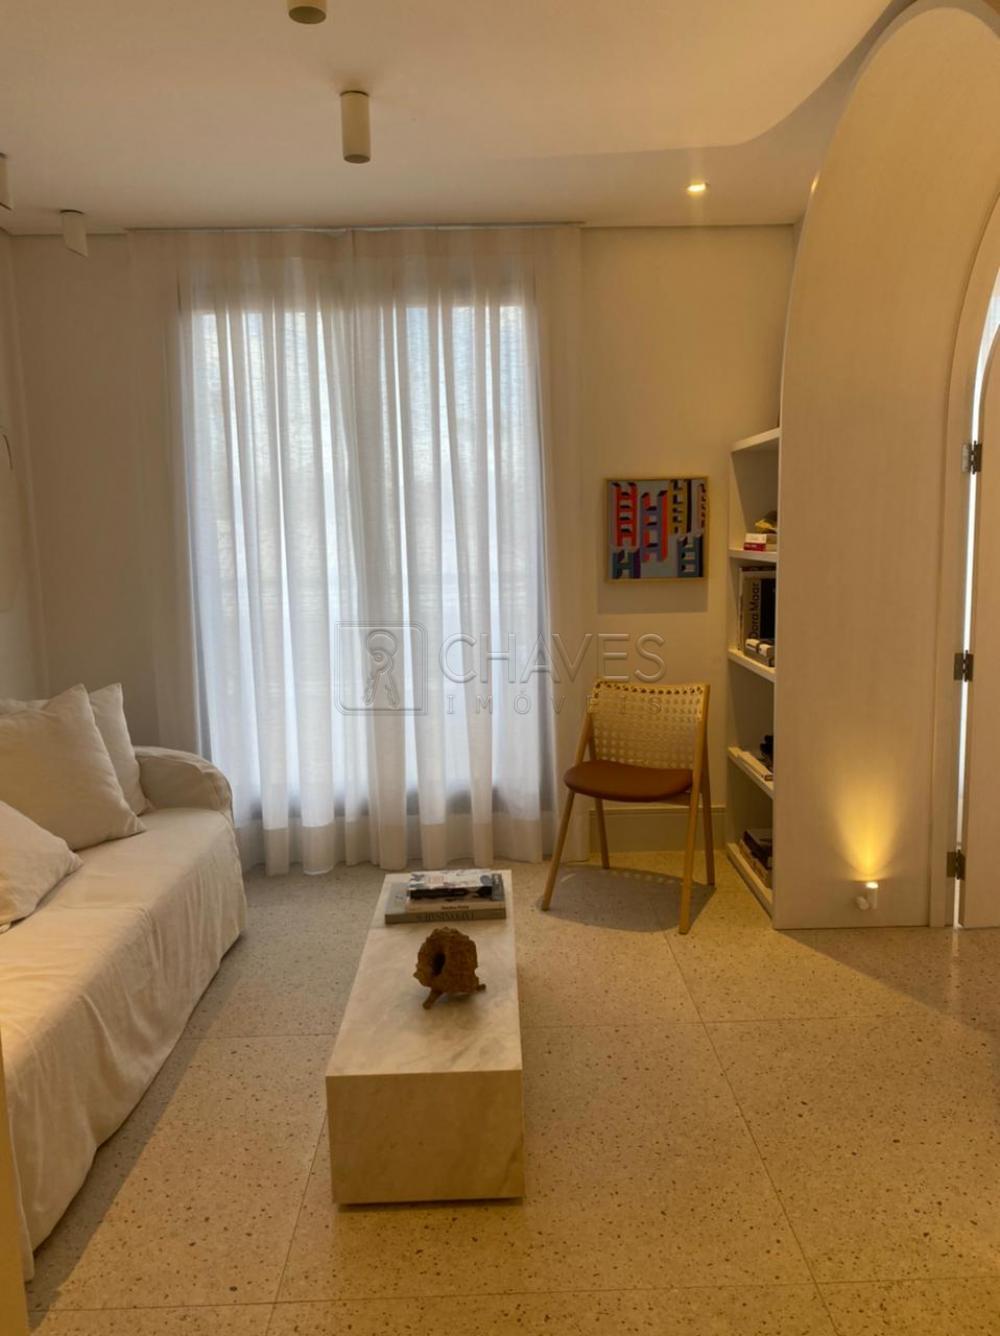 Comprar Comercial / Sala em Condomínio em Ribeirão Preto apenas R$ 640.000,00 - Foto 2